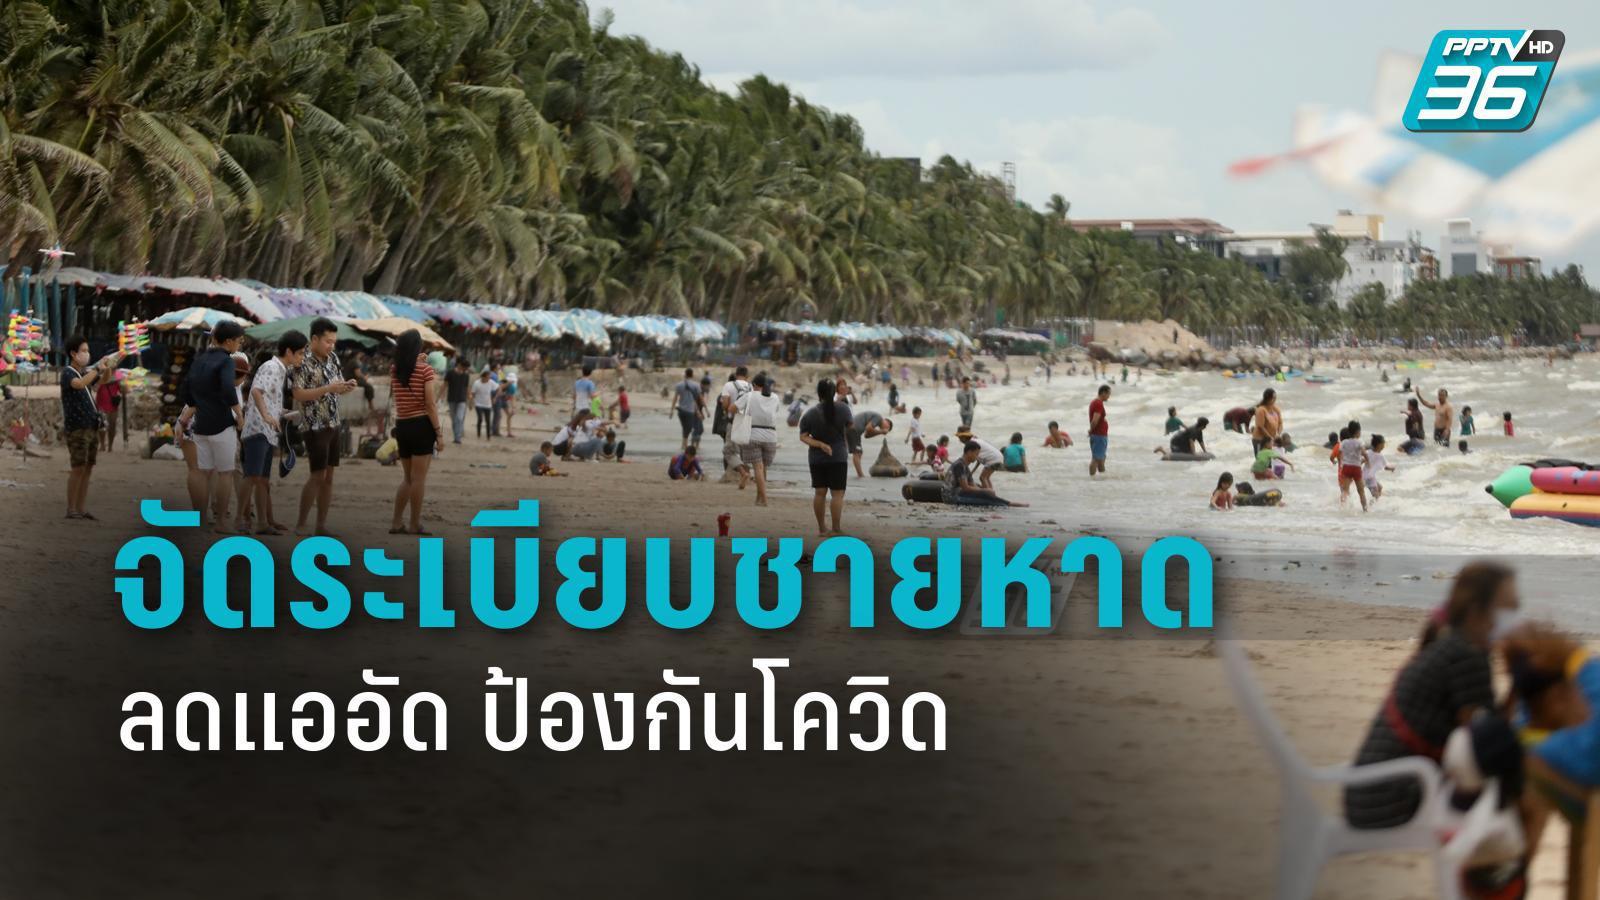 มหาดไทย สั่งจัดระเบียบชายหาด คุมปริมาณนทท. ป้องกันโควิด-19